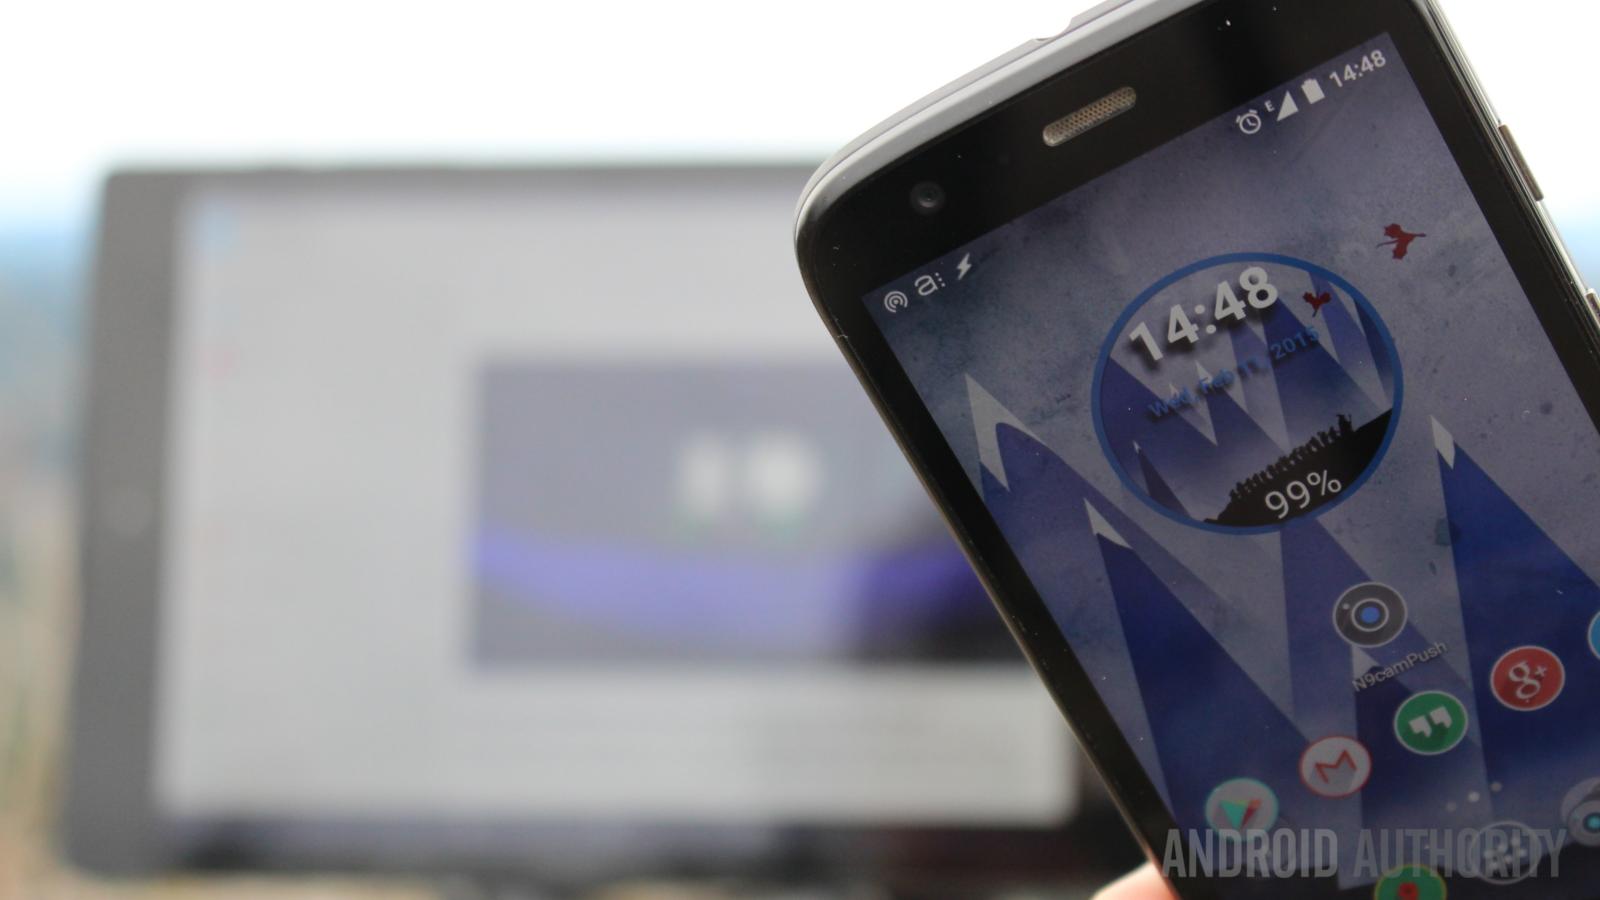 Moto G Tasker Pushbullet remote camera Nexus 9